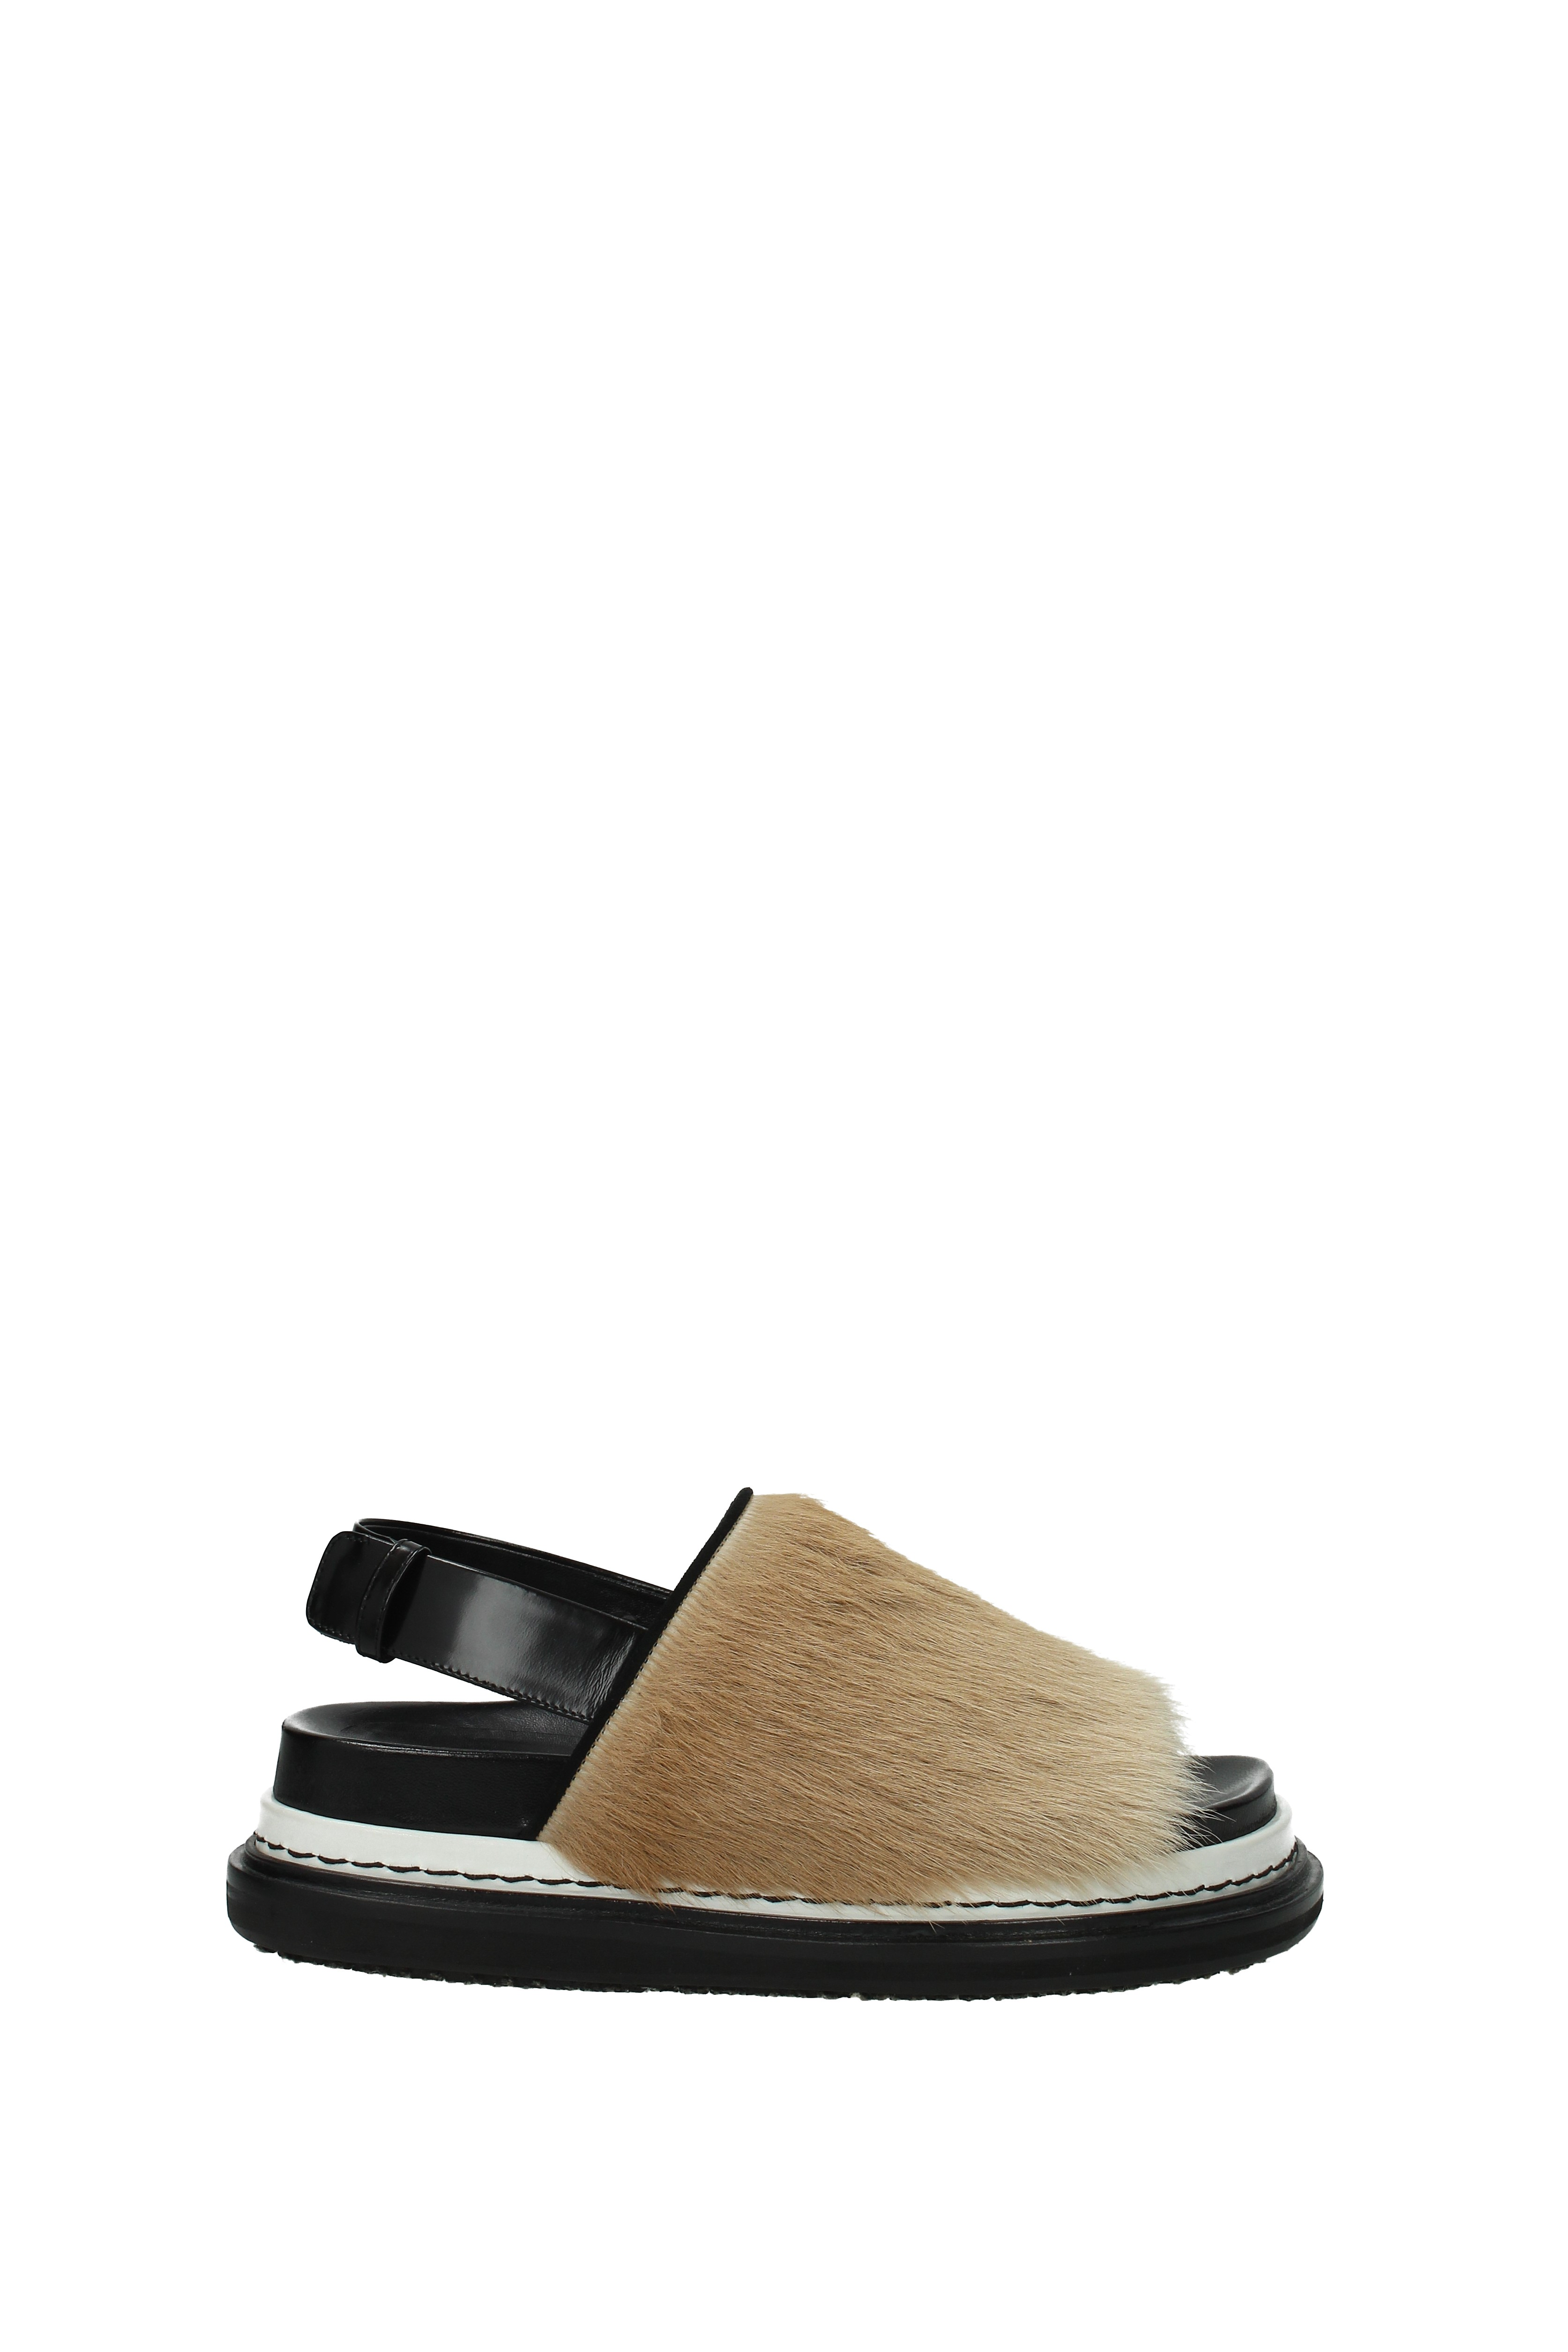 Sandalen Marni Damen - - - Ponyfell (1FBMST27G01LV637) 0bcea2